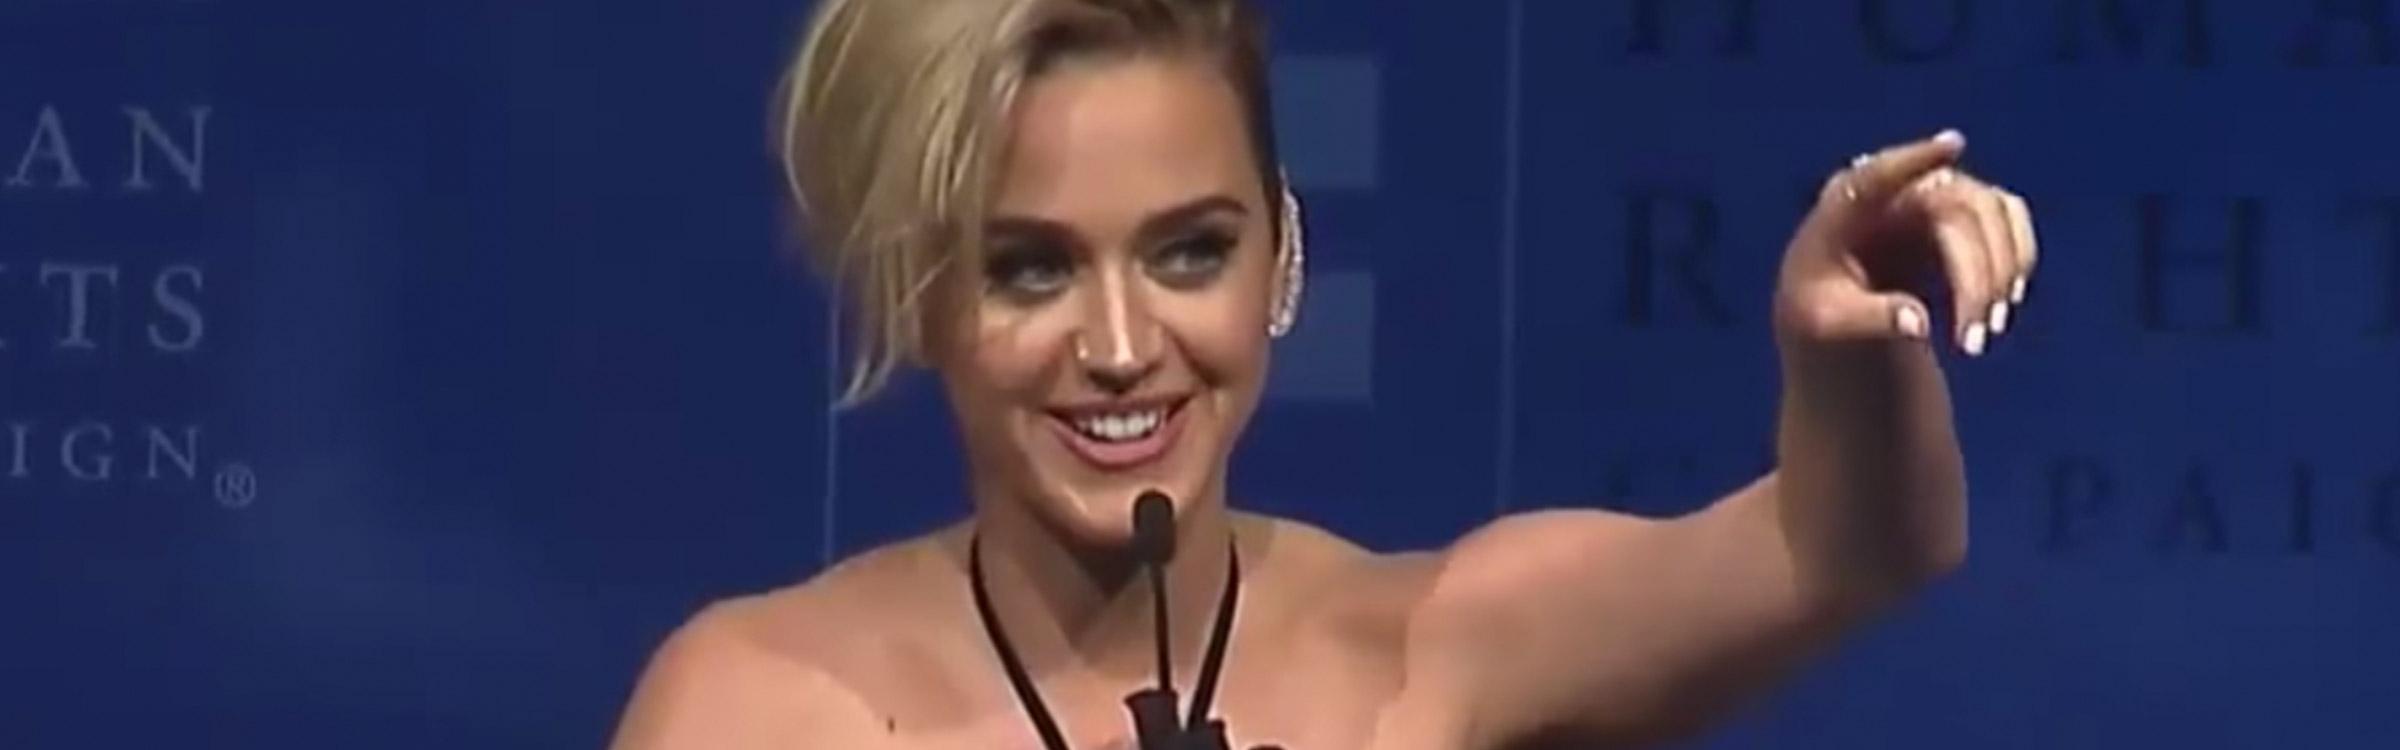 Katy perry award teaser